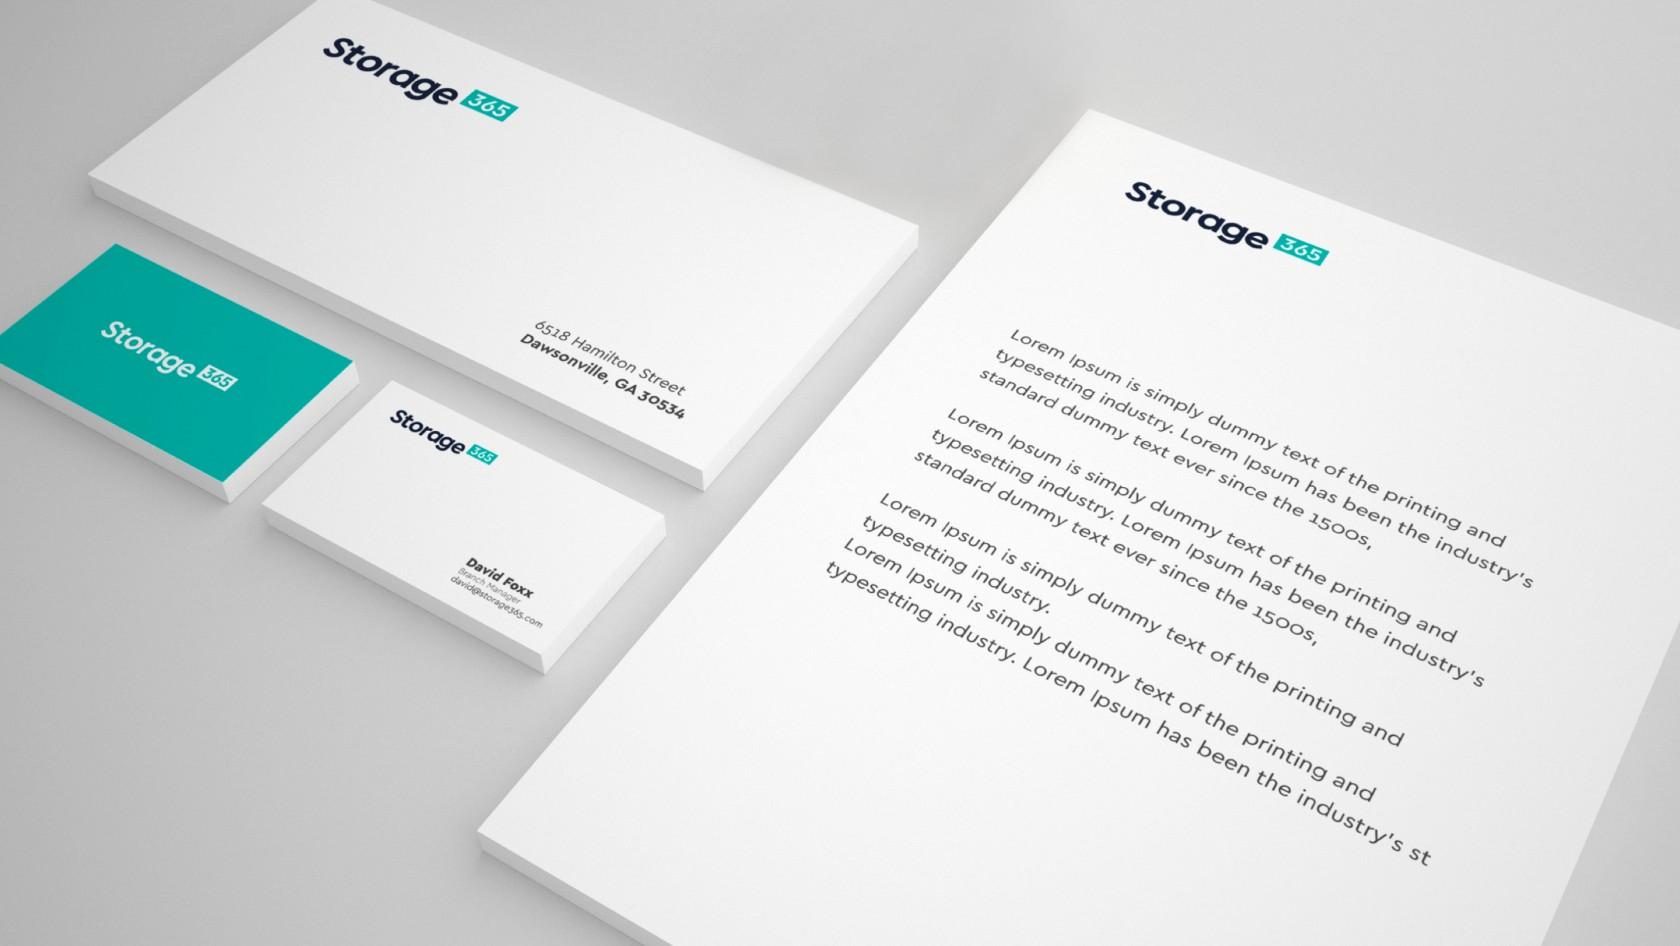 Storage 365 design